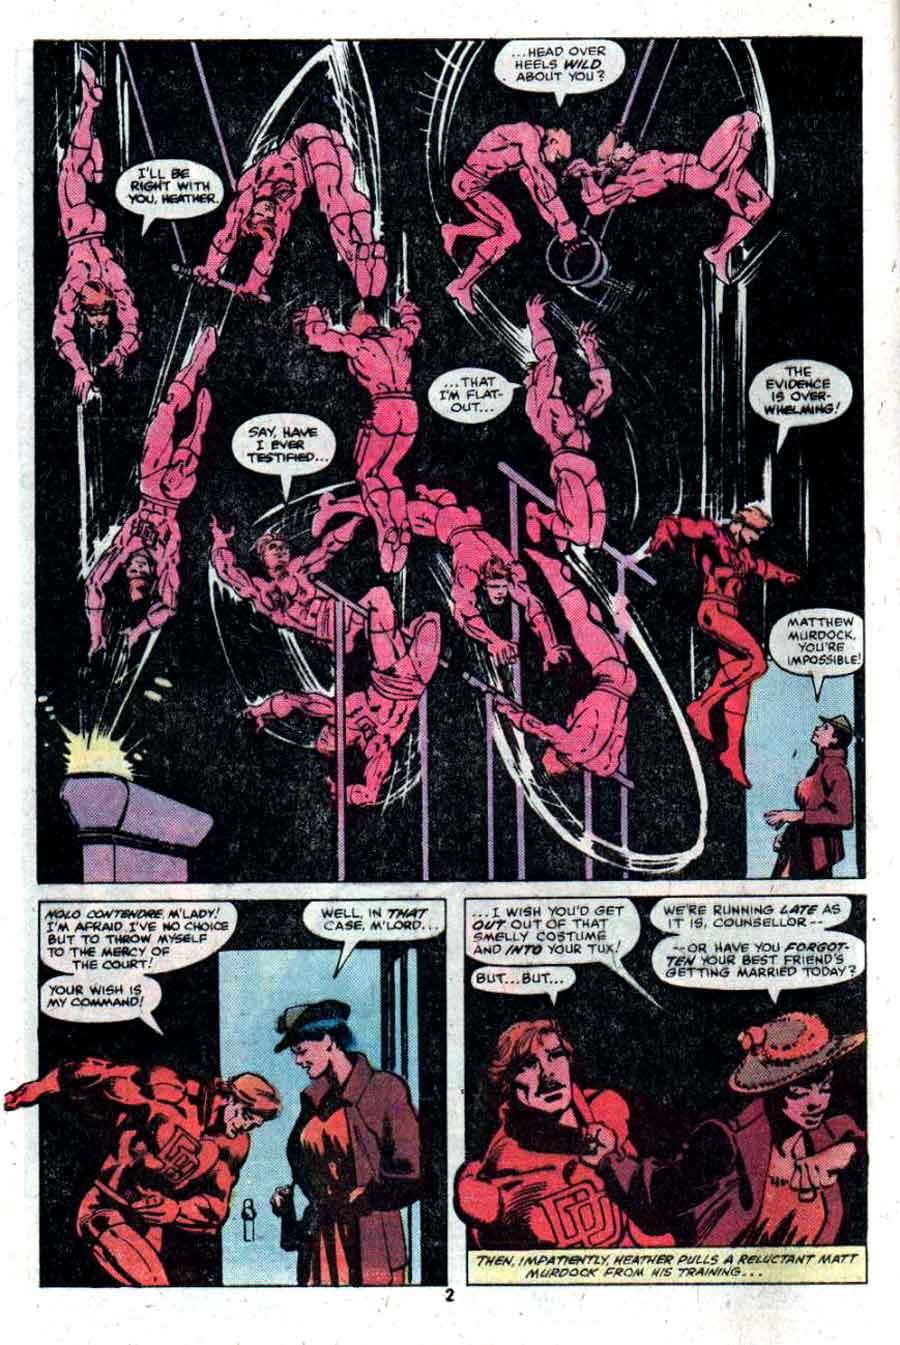 Daredevil v1 #166 marvel comic book page art by Frank Miller